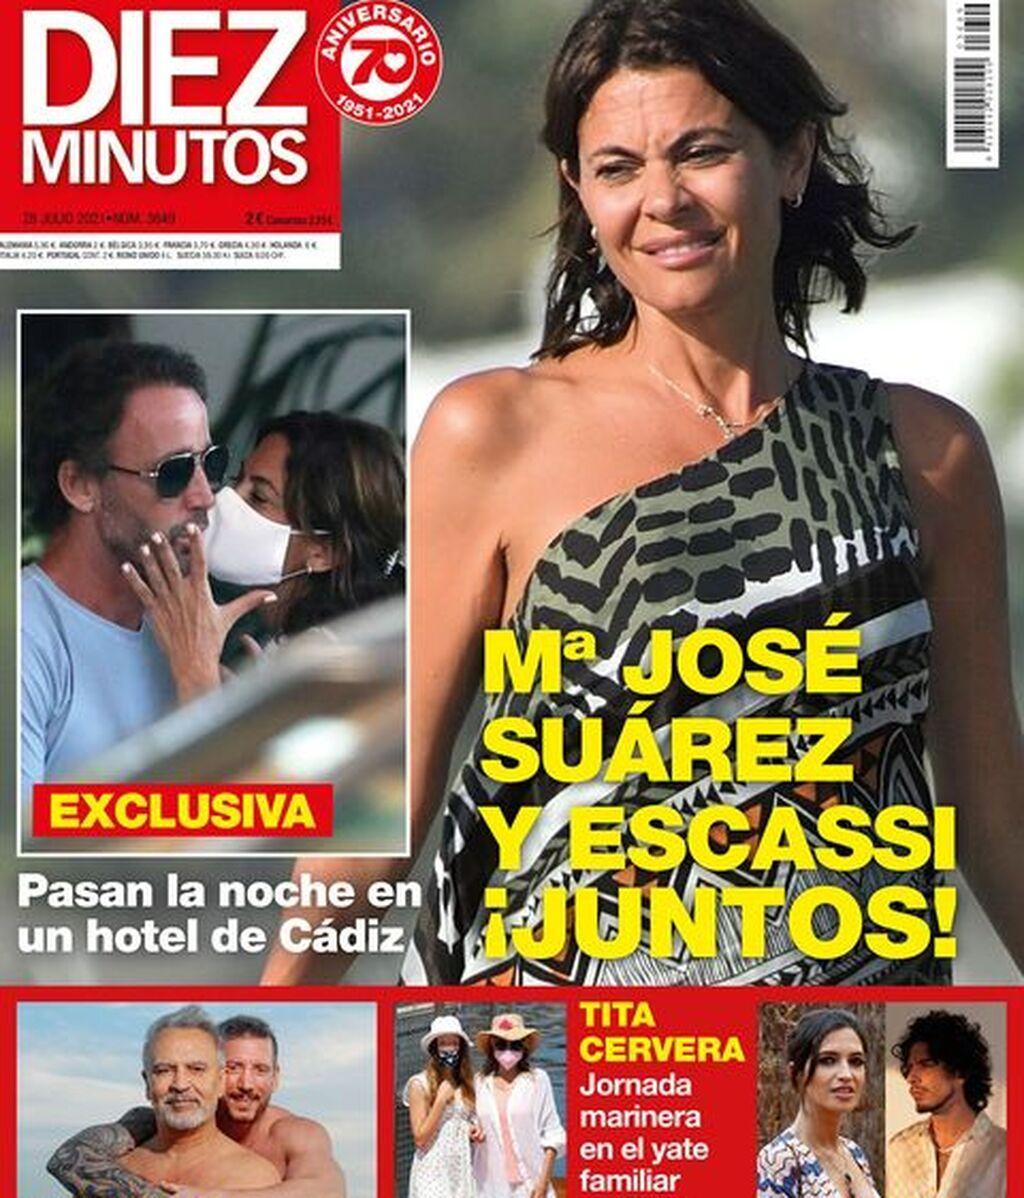 María José Suárez y Álvaro Muñoz Escassi